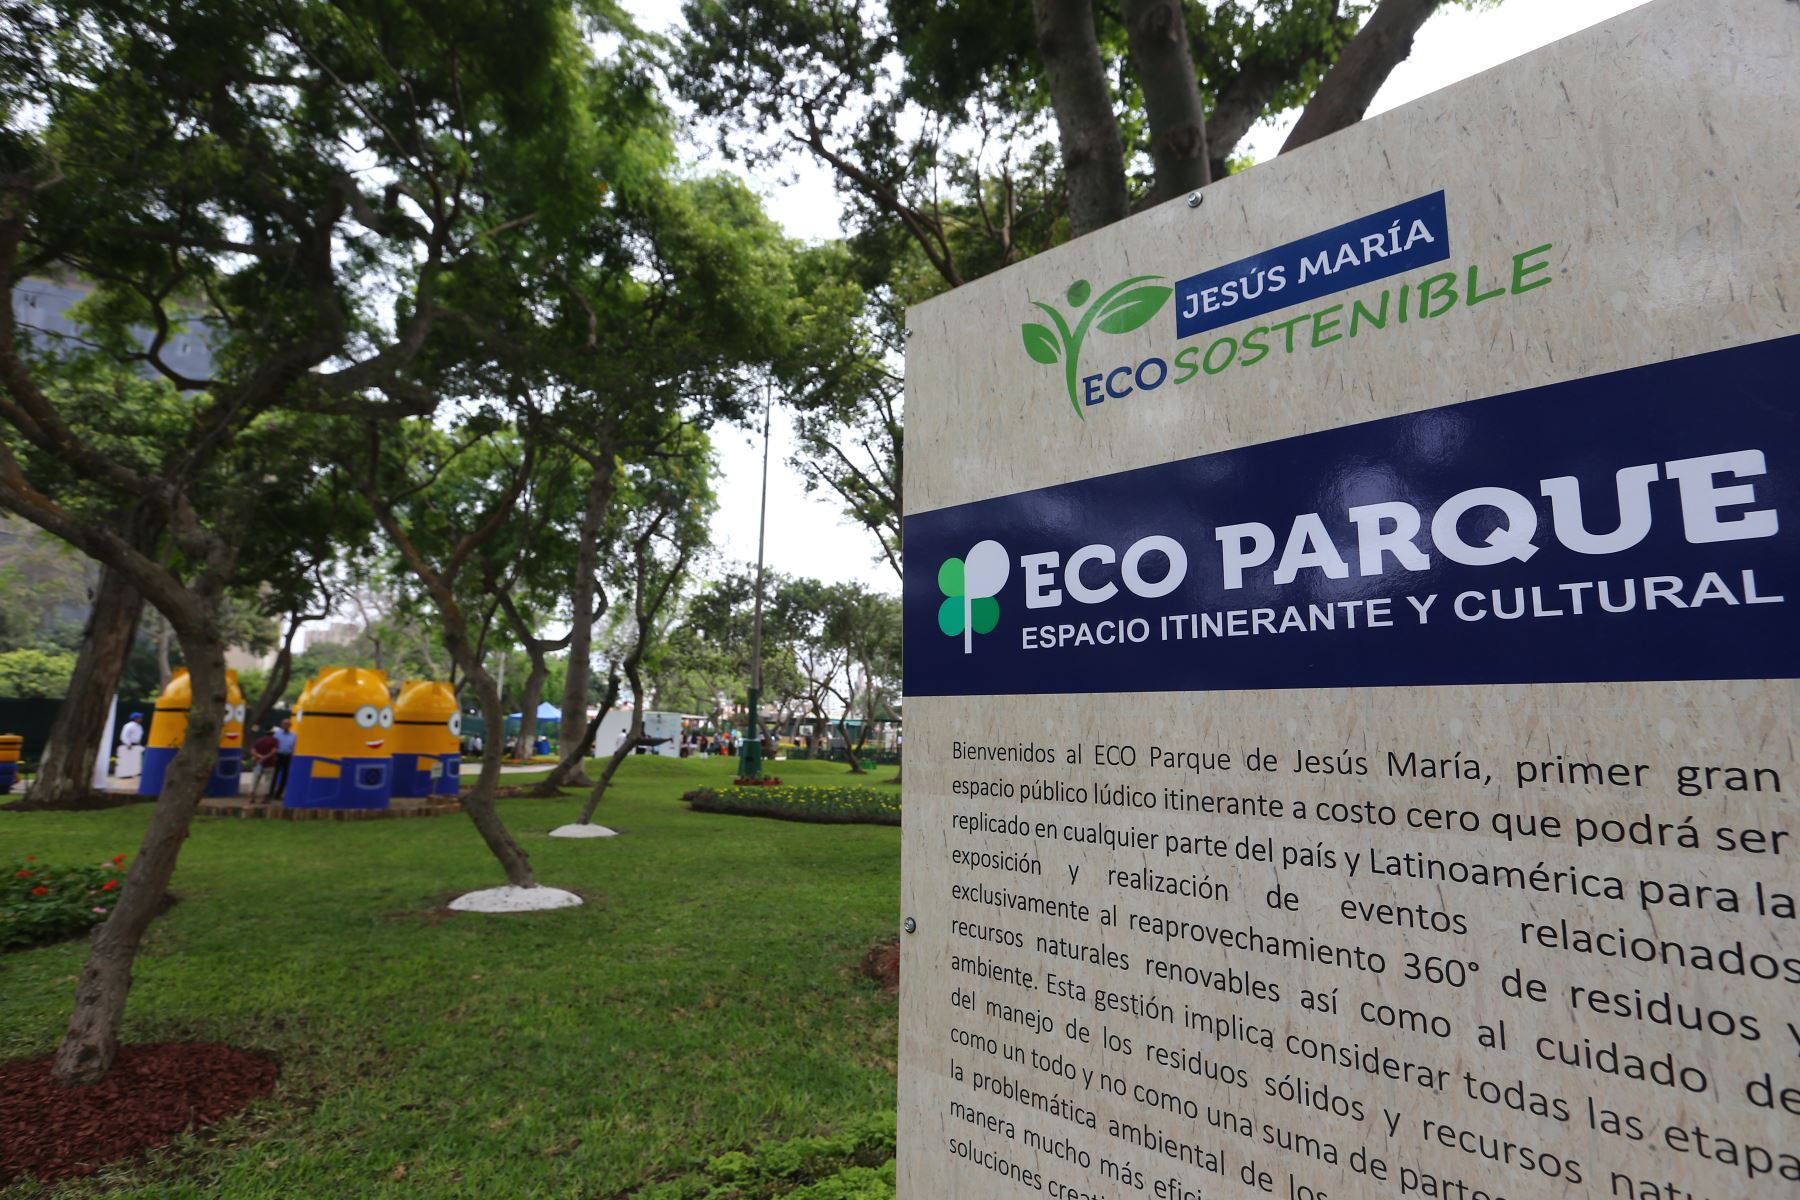 Ministra de Ambiente Fabiola Muñoz,inaugura Ecoparque en Campo de Marte,Jesus Maria.Foto:ANDINA/Héctor Vinces.